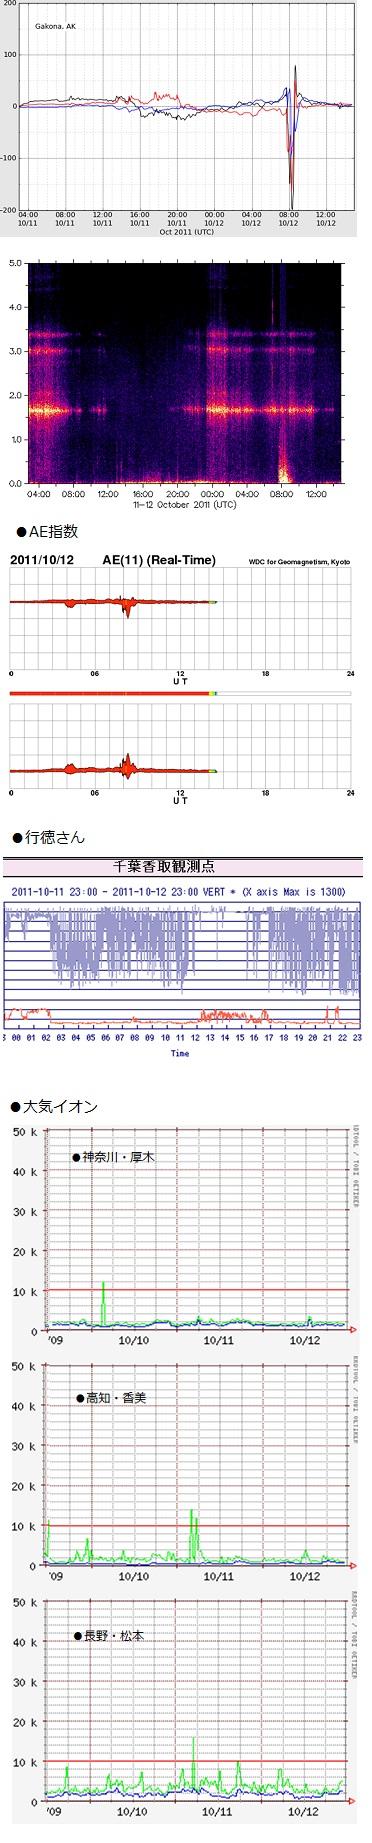 1013-1 データ